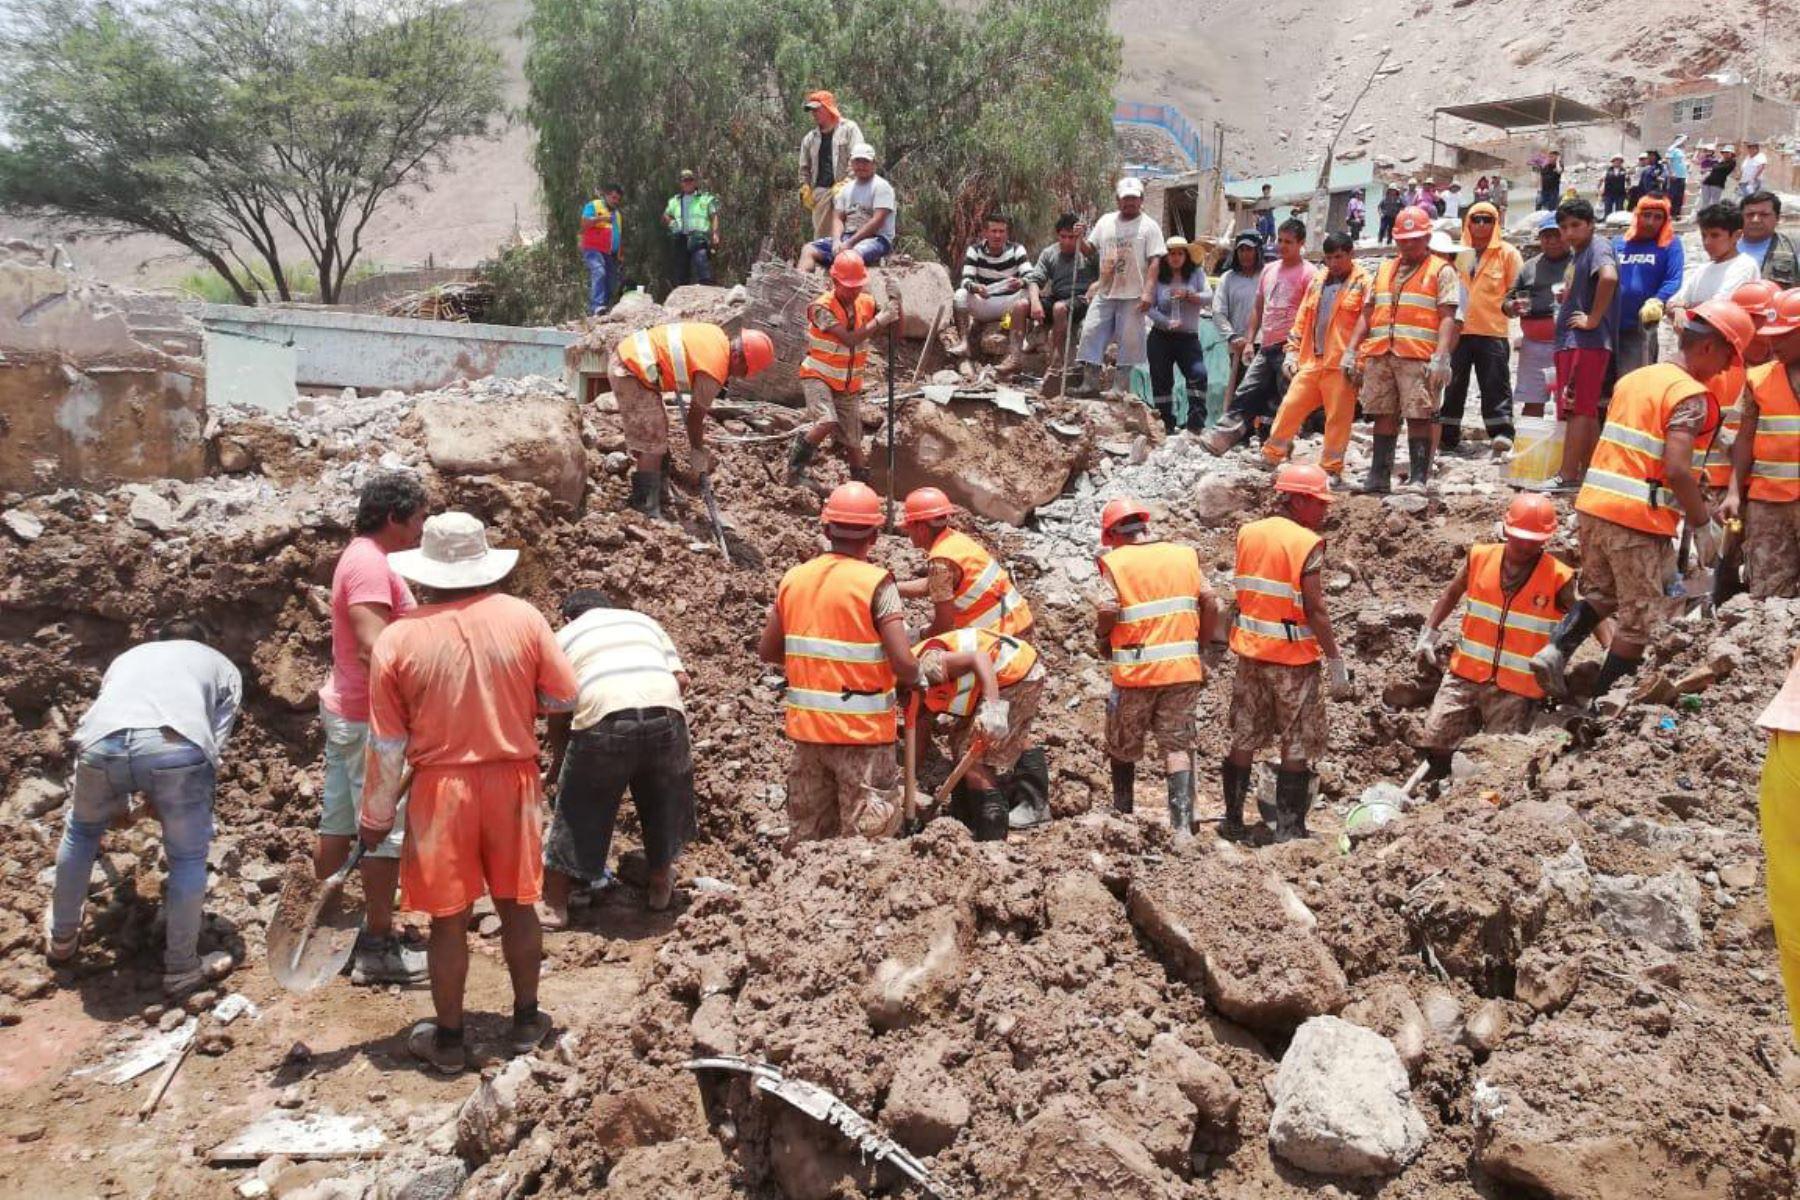 El Ejecutivo prorrogó el estado de emergencia por 60 días calendario, a partir del 13 de junio de 2019, en 40 distritos de 7 provincias de la región Arequipa, por desastre a consecuencia de caídas de huaico y deslizamientos, debido a las intensas precipitaciones pluviales que se presentaron.ANDINA/Difusión